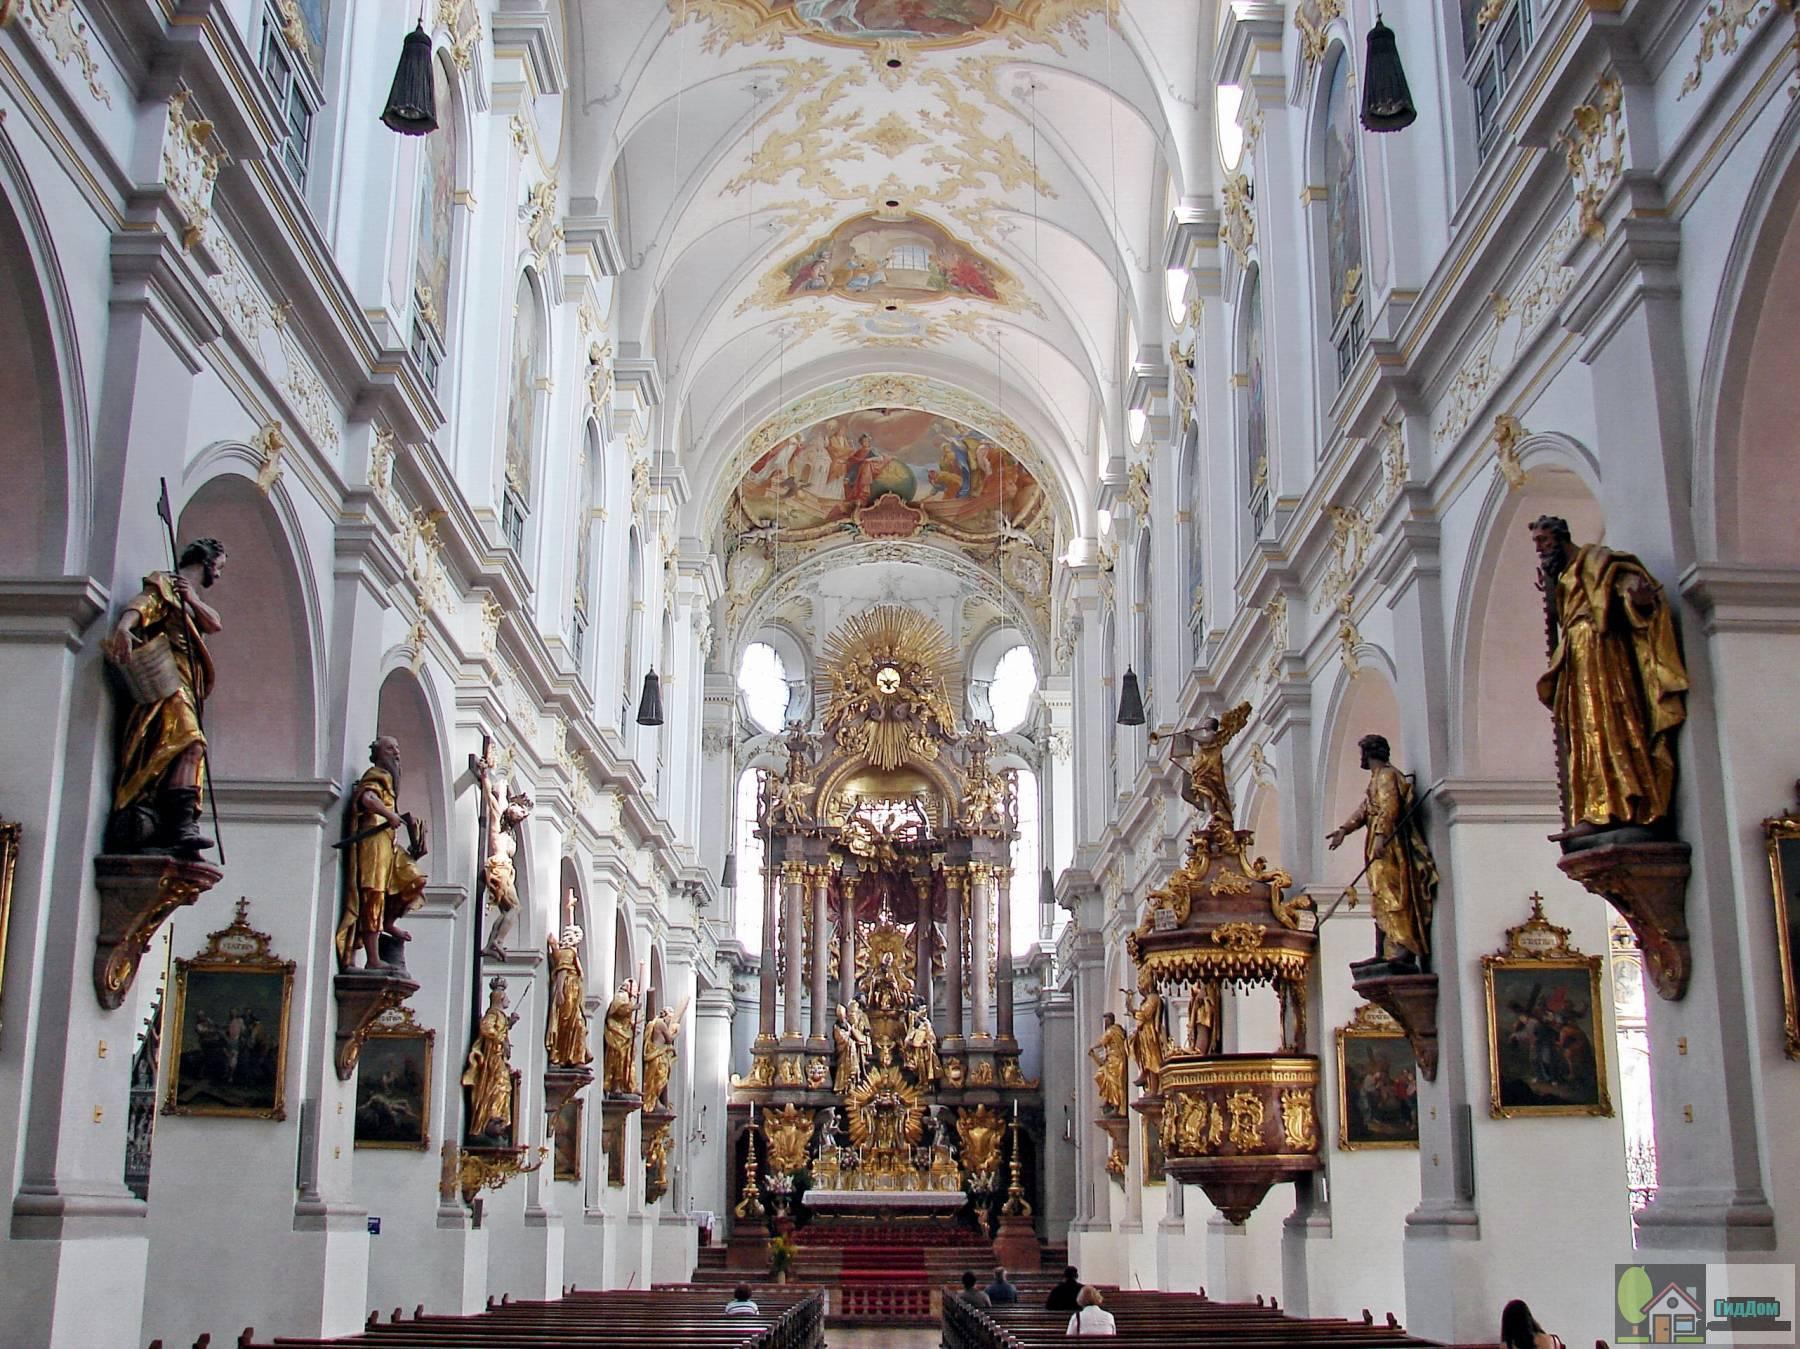 Церковь Святого Петра в Мюнхене: знакомство с архитектурой Германии